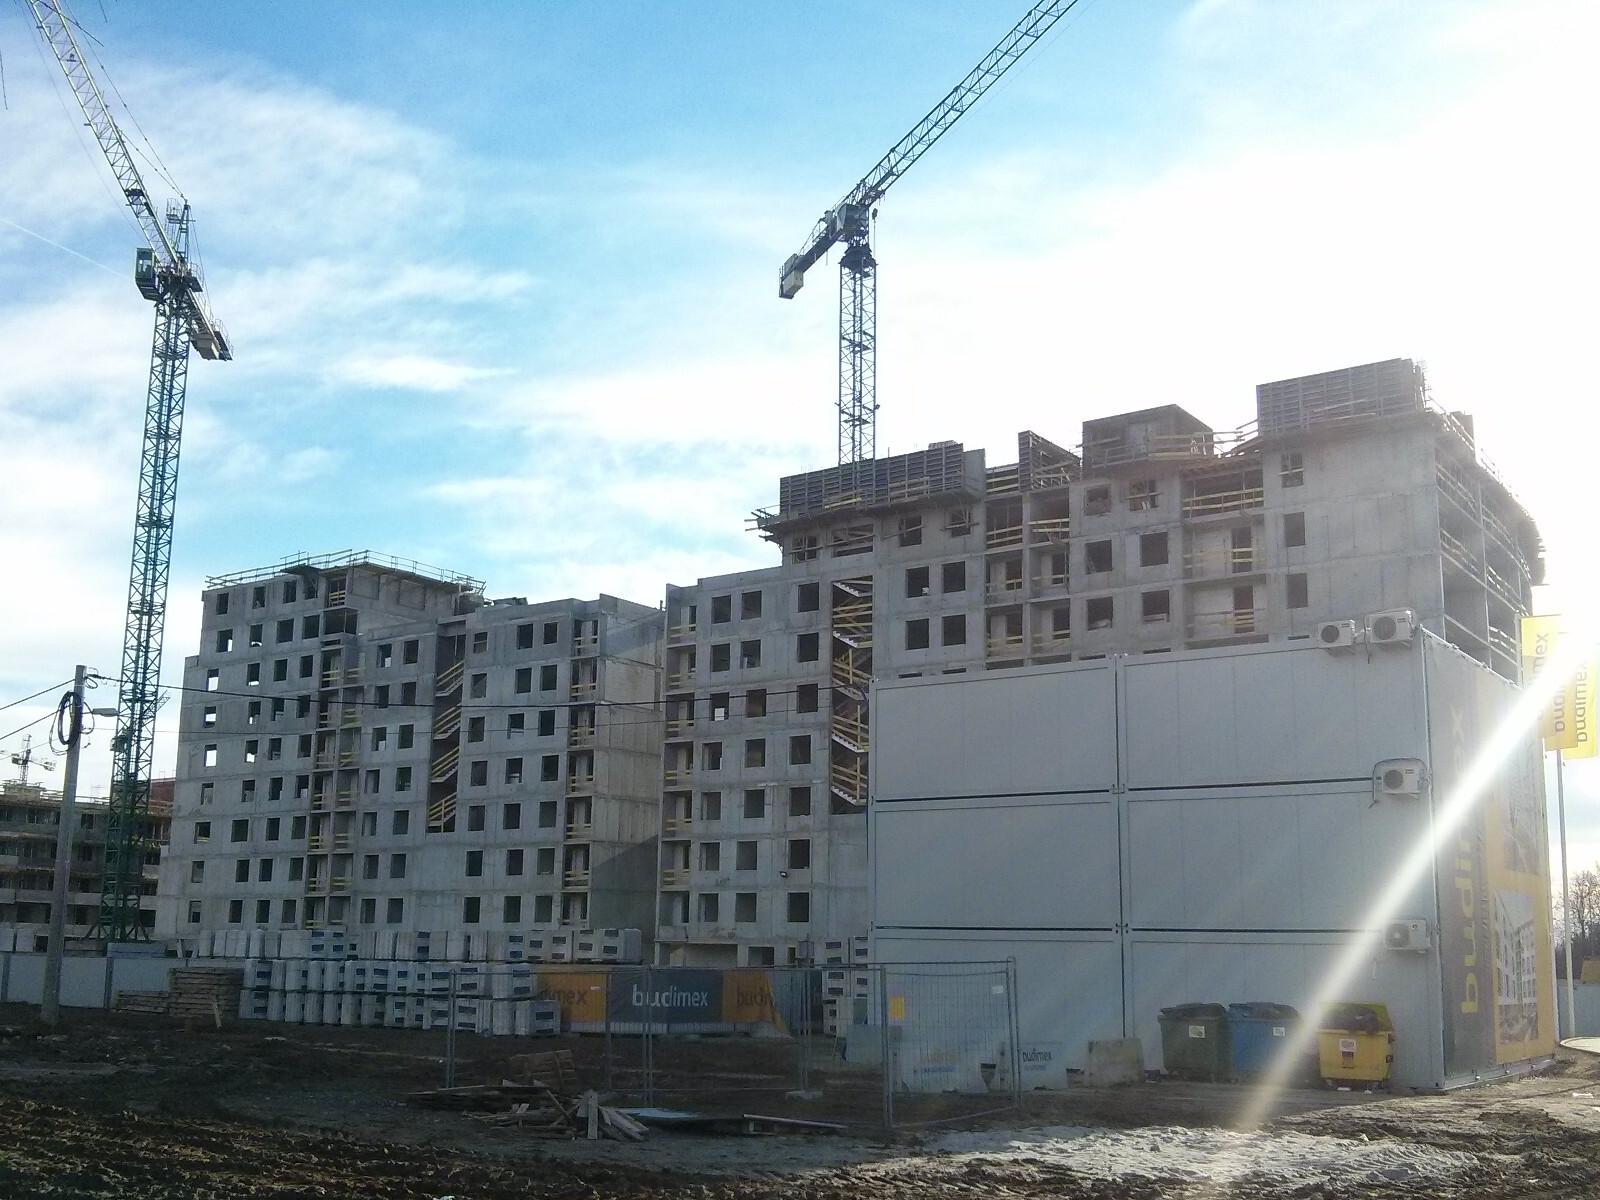 Prace zabezpieczające na inwestycji Orlińskiego 1 w Krakowie